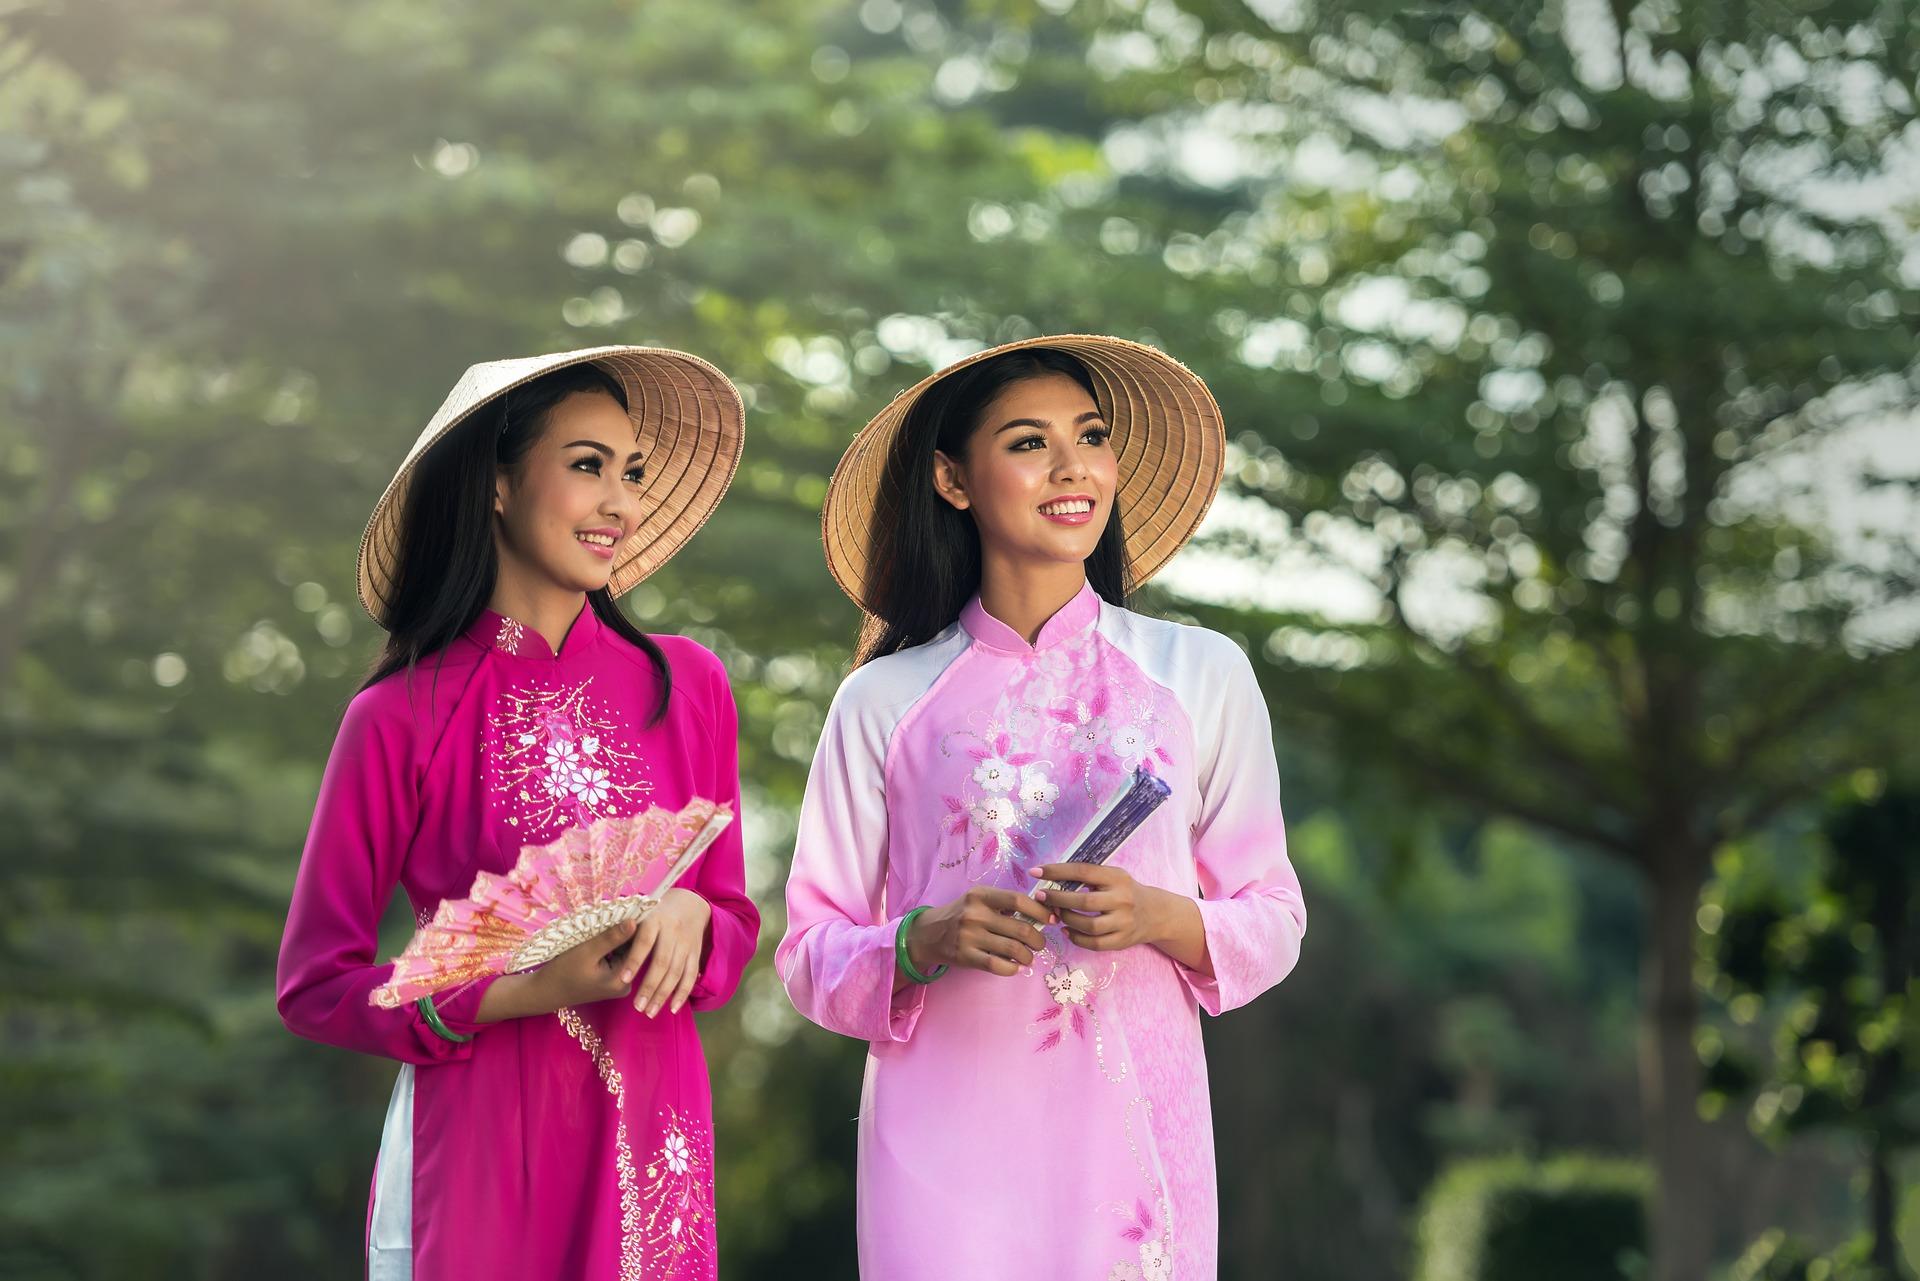 Две вьетнамки в традиционных нарядах